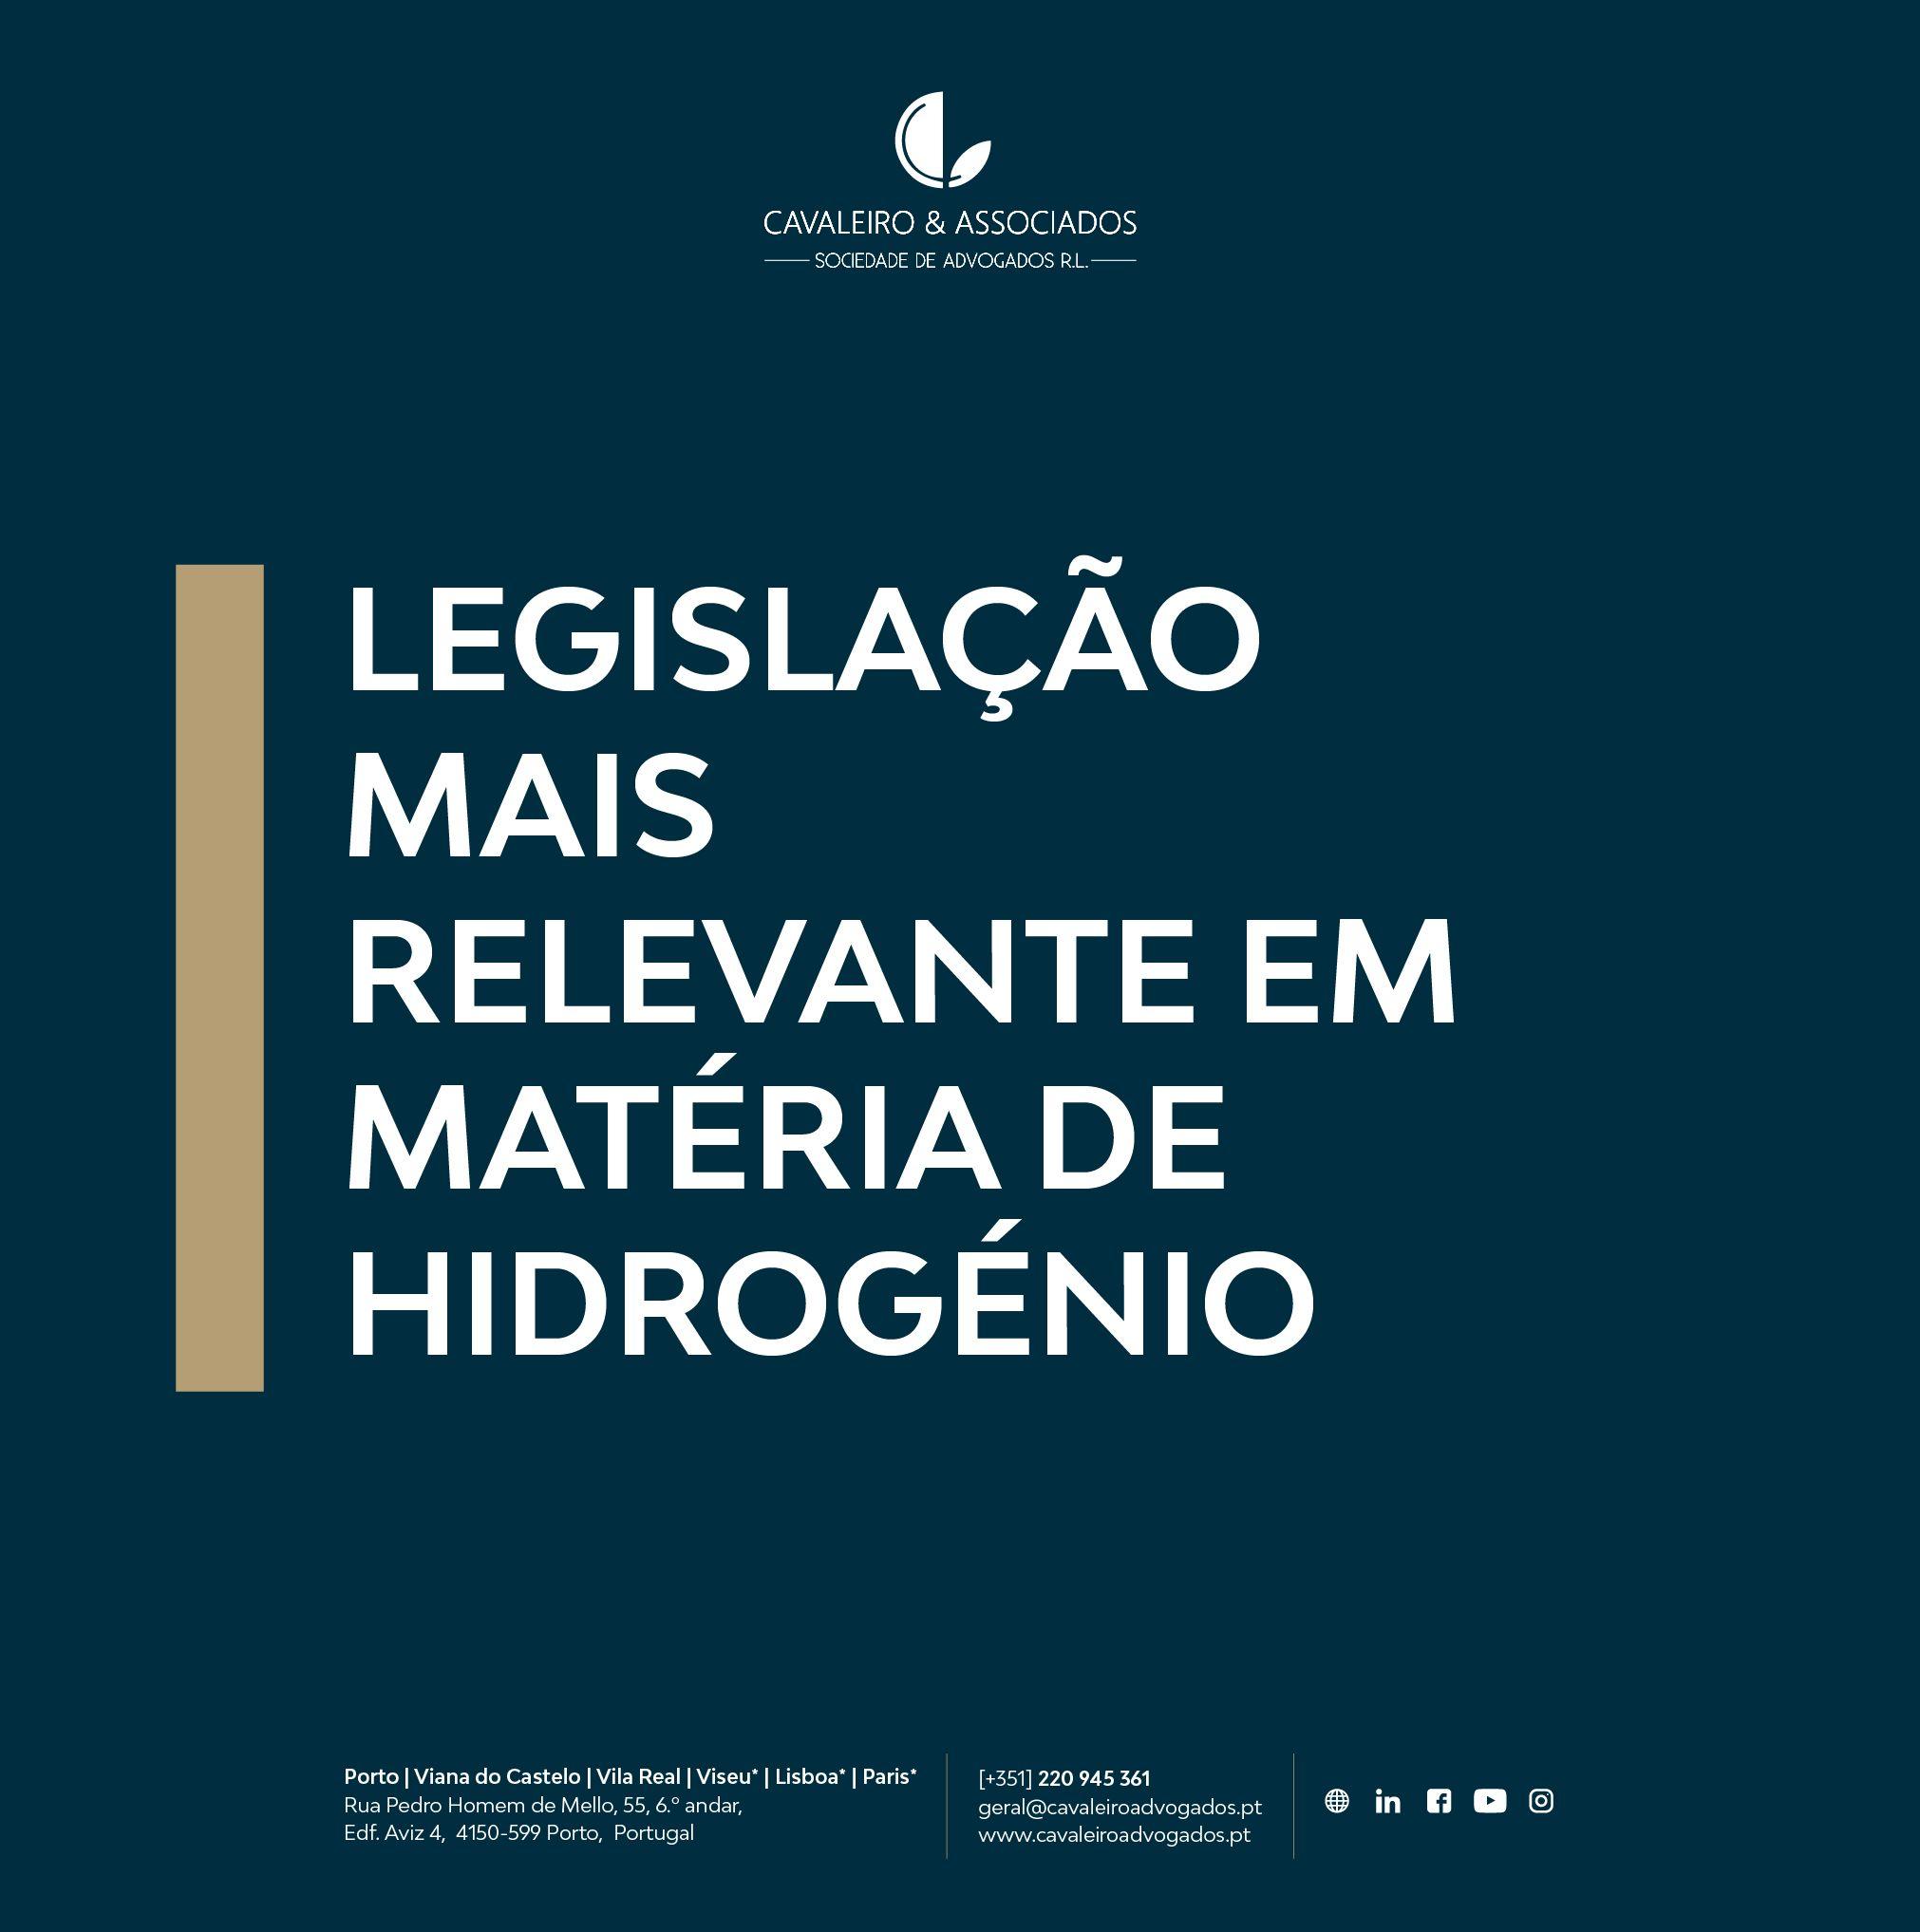 Legislação mais relevante em matéria de hidrogénio